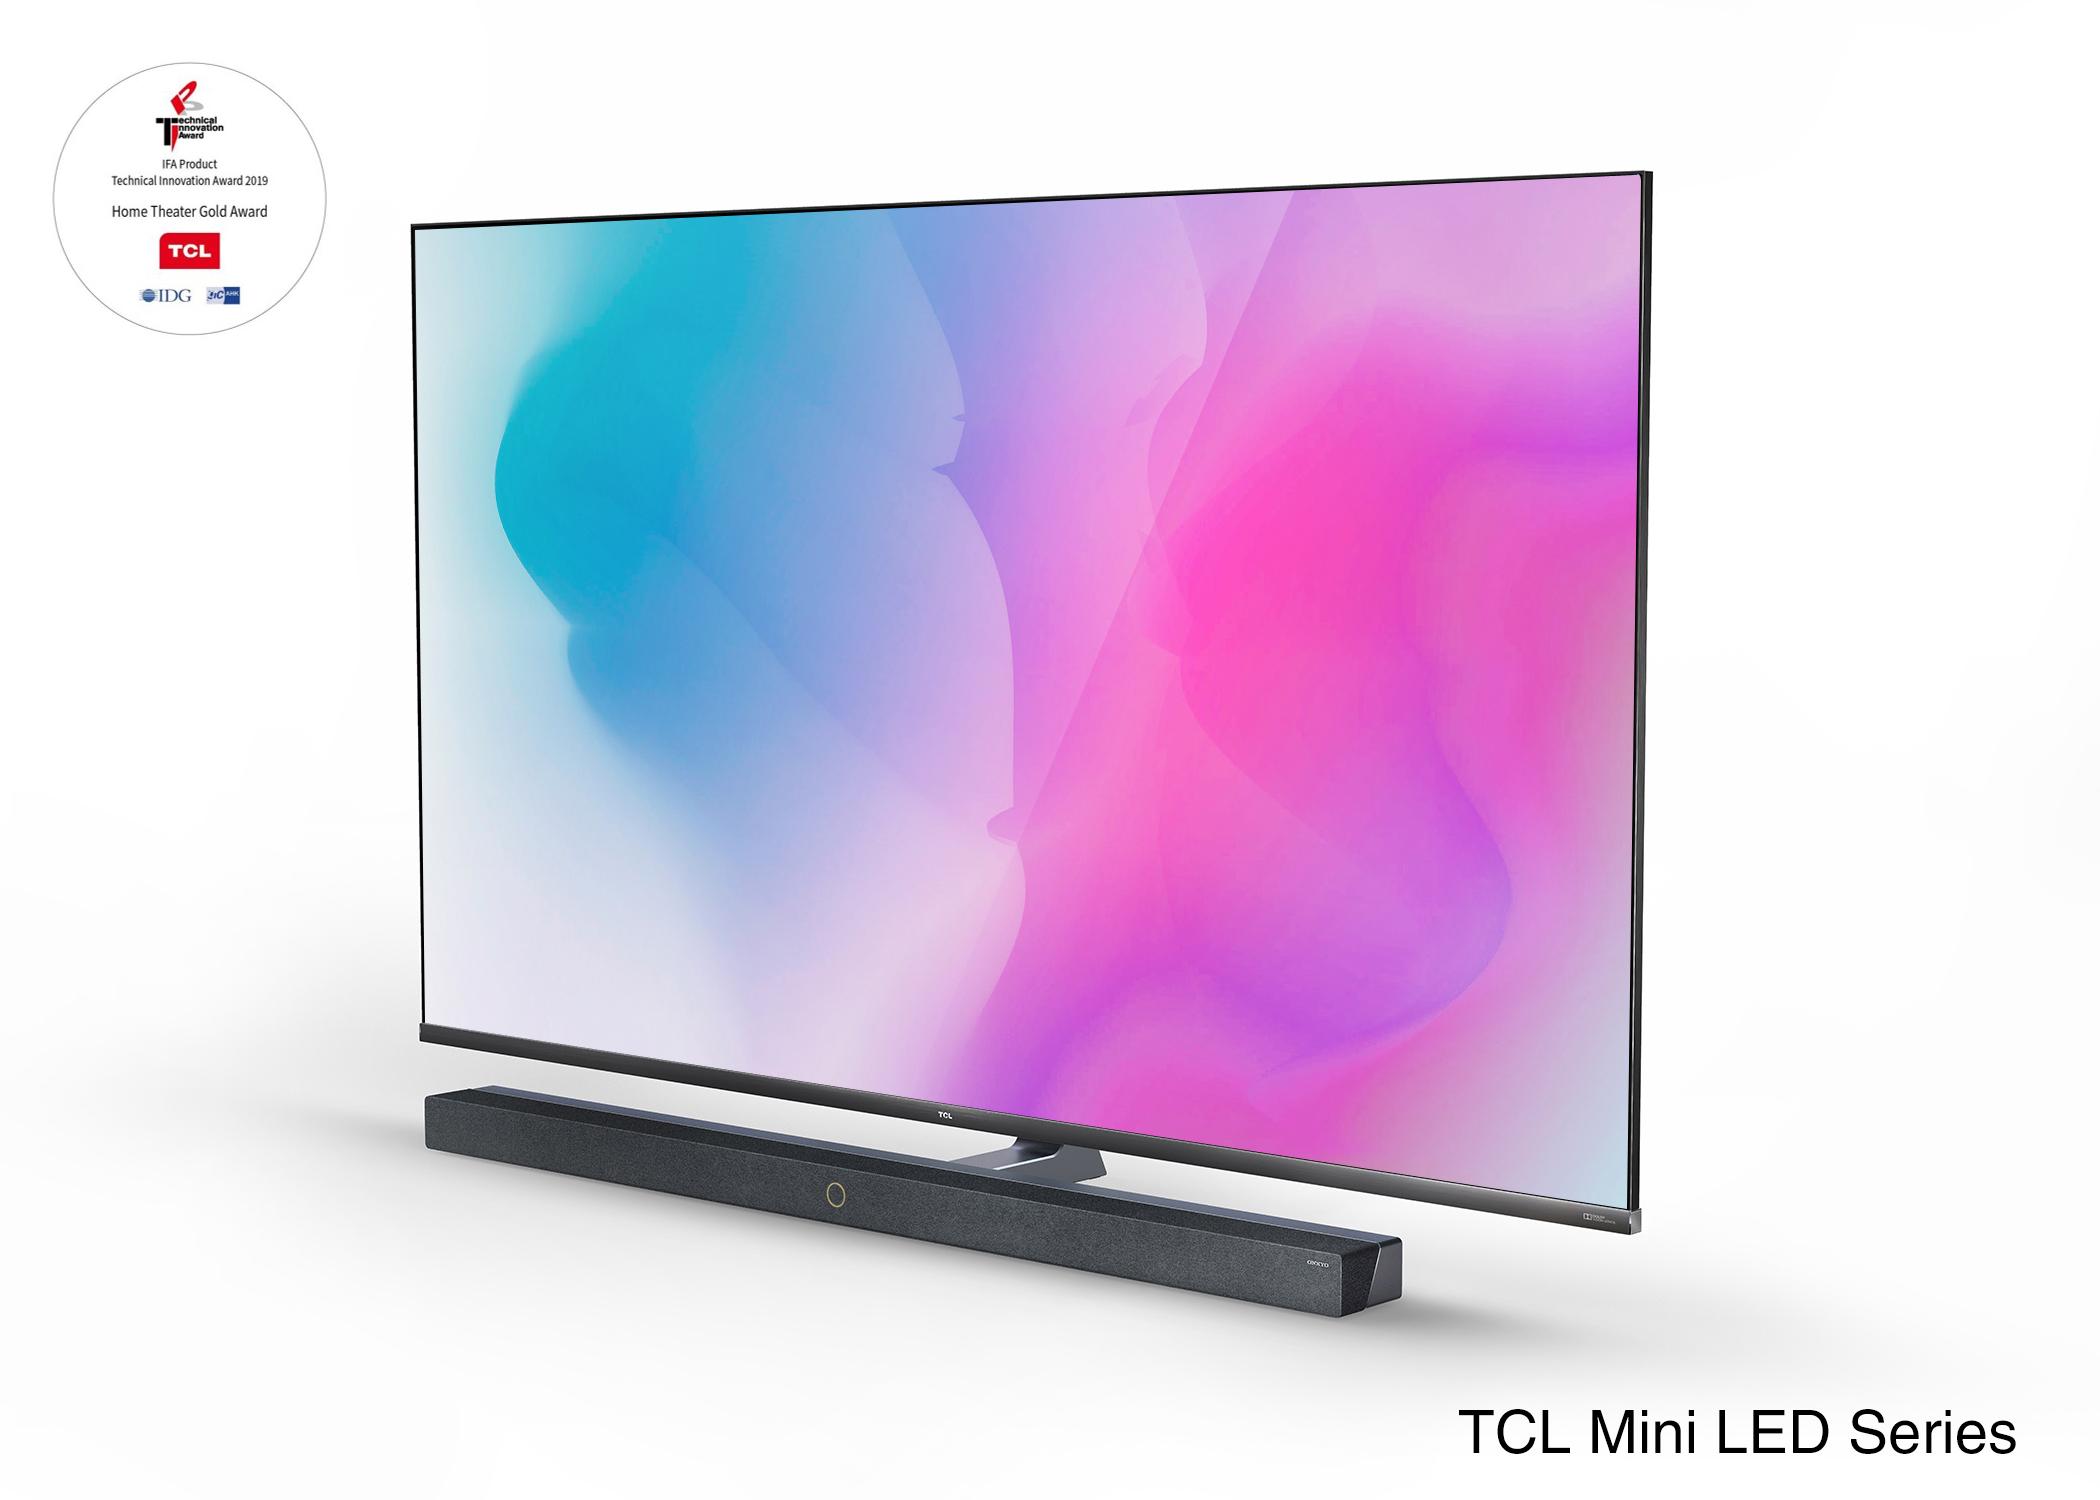 TCL_Mini LED_X10 Award